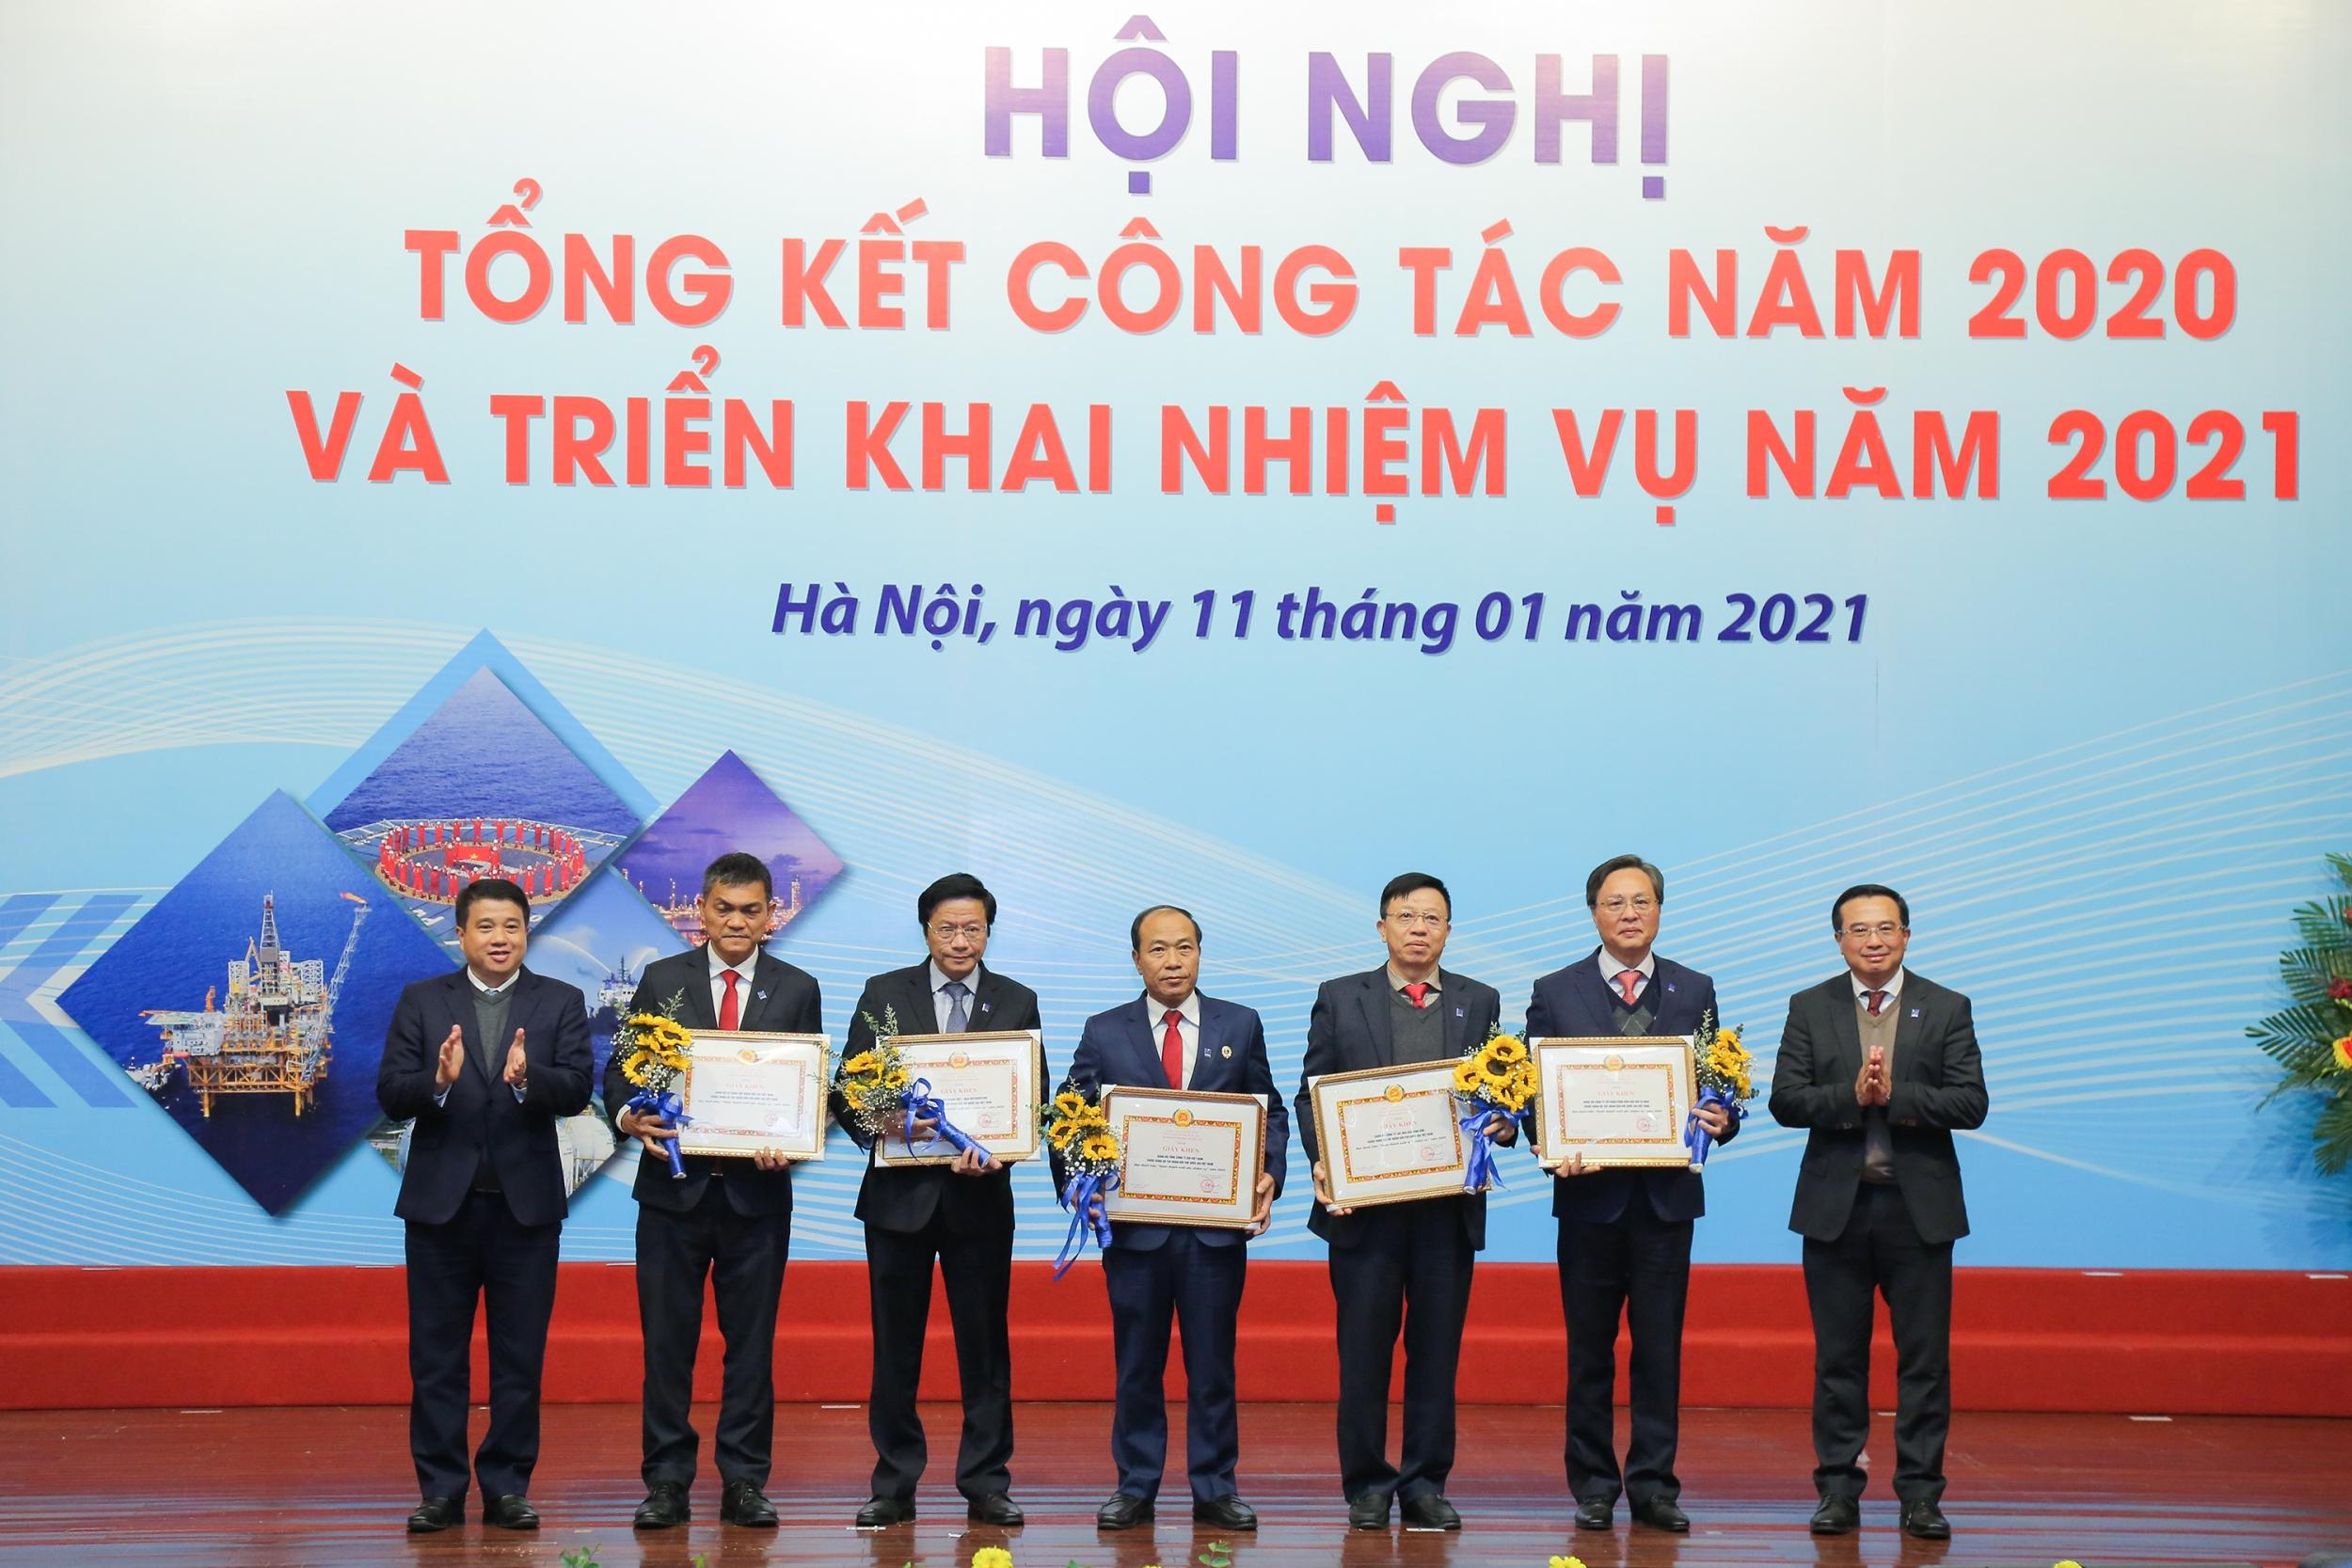 BSR là một trong 10 đơn vị có thành tích xuất sắc trong phong trao thi đua giai đoạn 2015 - 2020